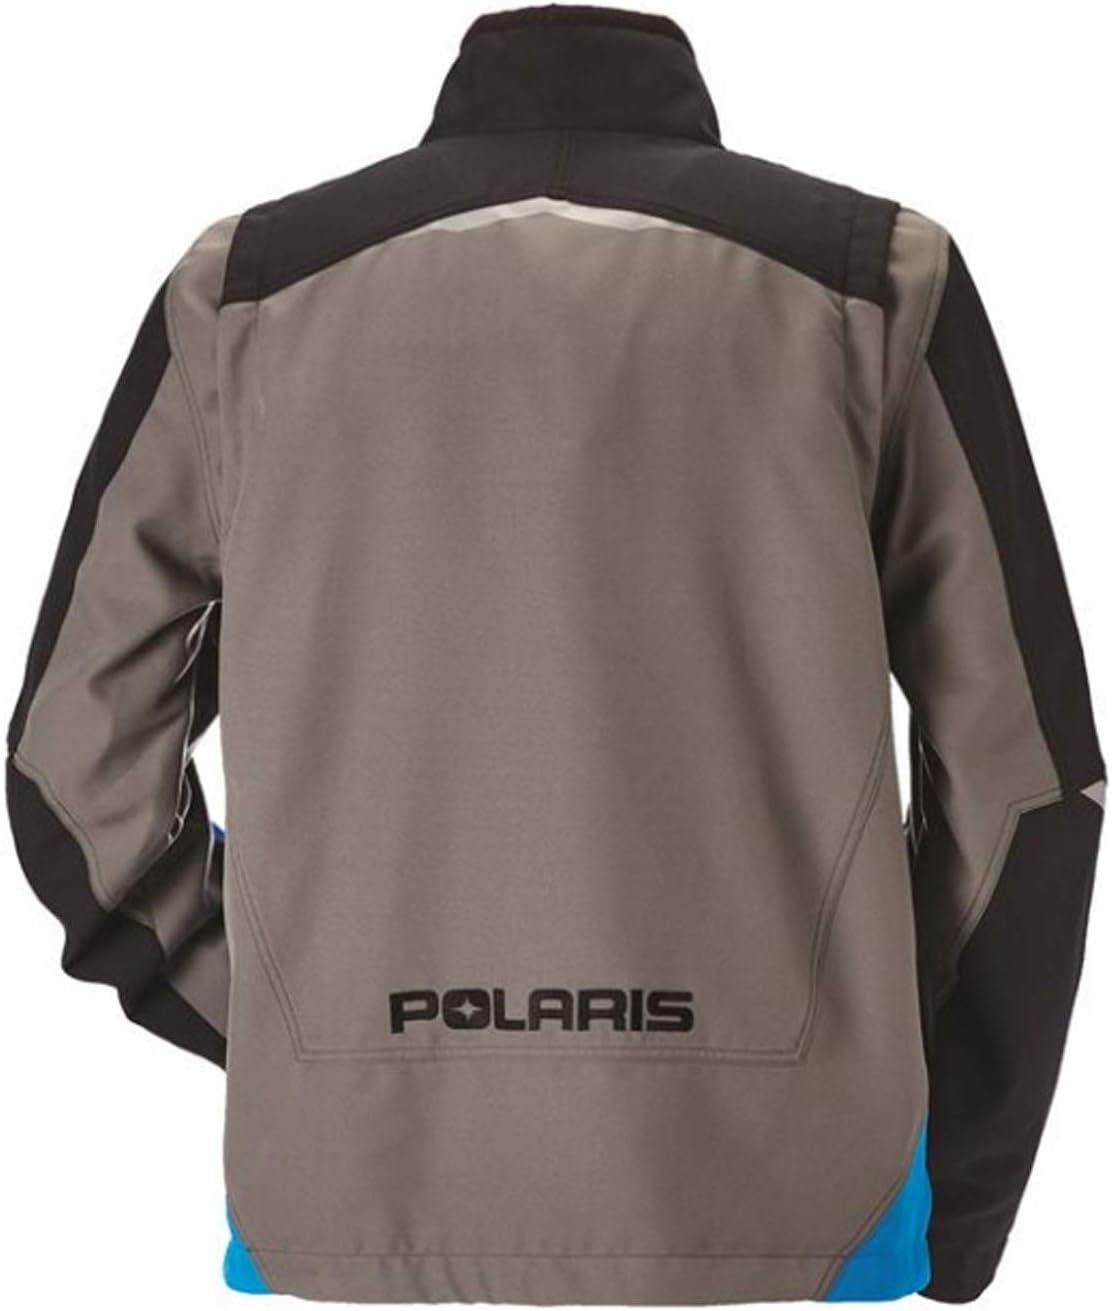 Polaris New OEM M Pro Jkt Blk Red 3Xl 286770214